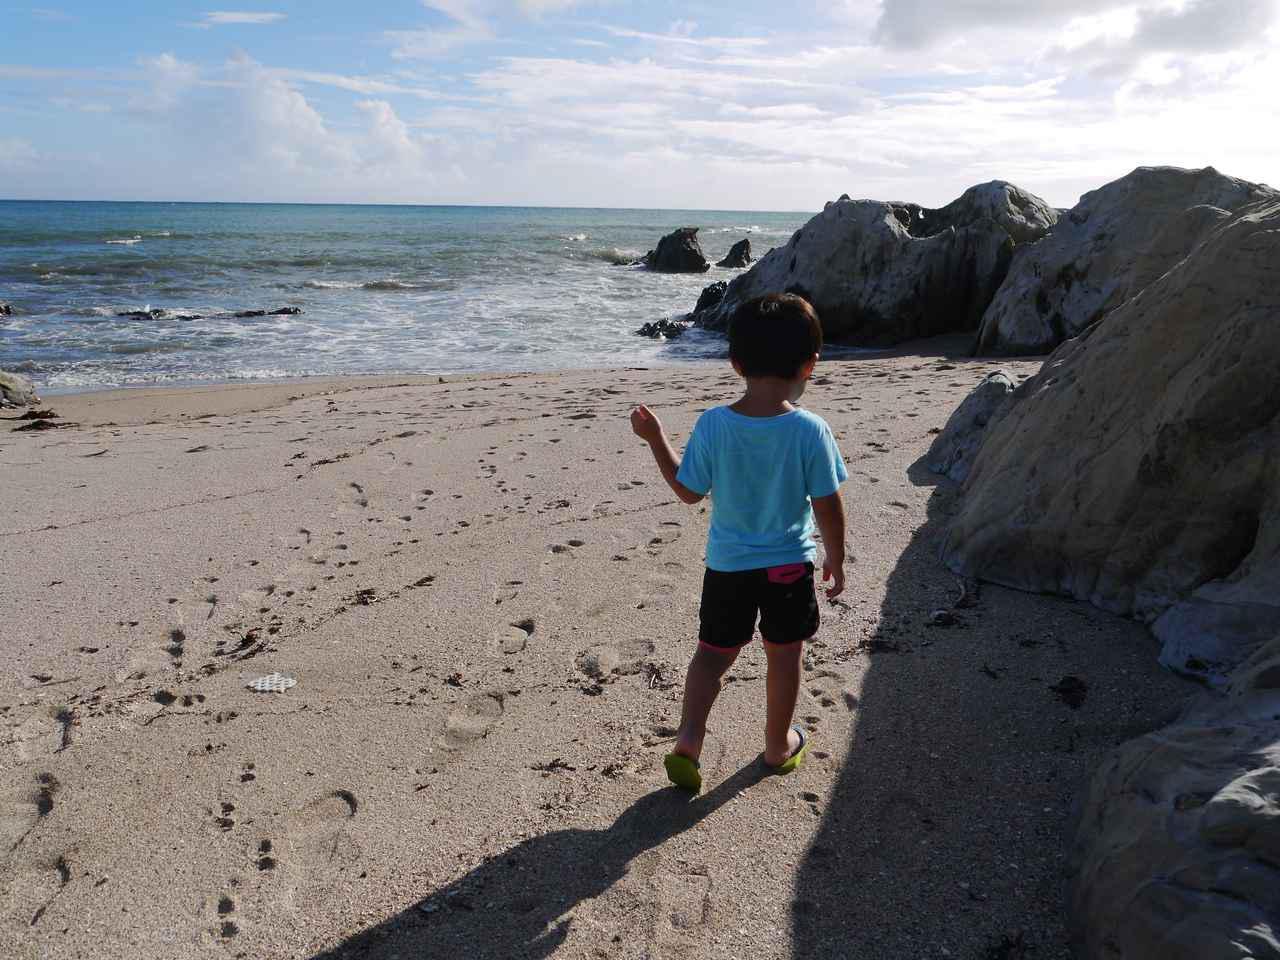 画像: 【ライター推薦】夏キャンプ、海や川で水遊びを満喫するアイテム10選をご紹介! - ハピキャン(HAPPY CAMPER)